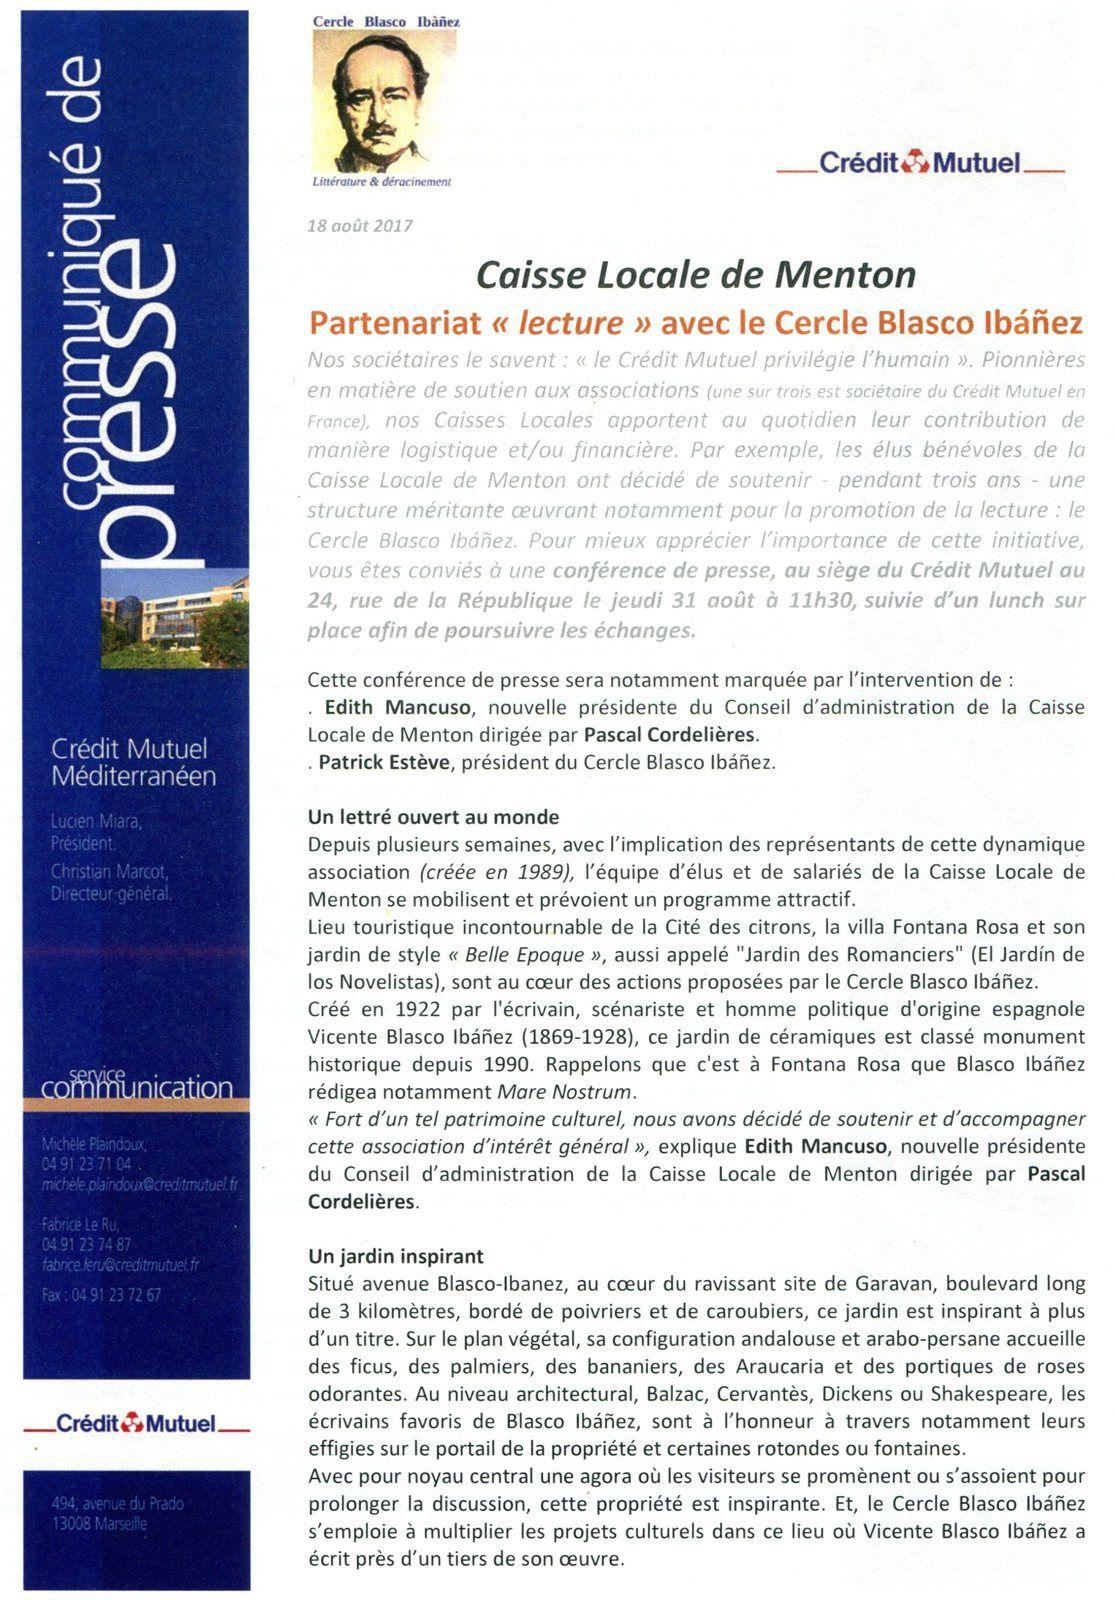 Le Crédit Mutuel aide le Cercle Blasco Ibañez